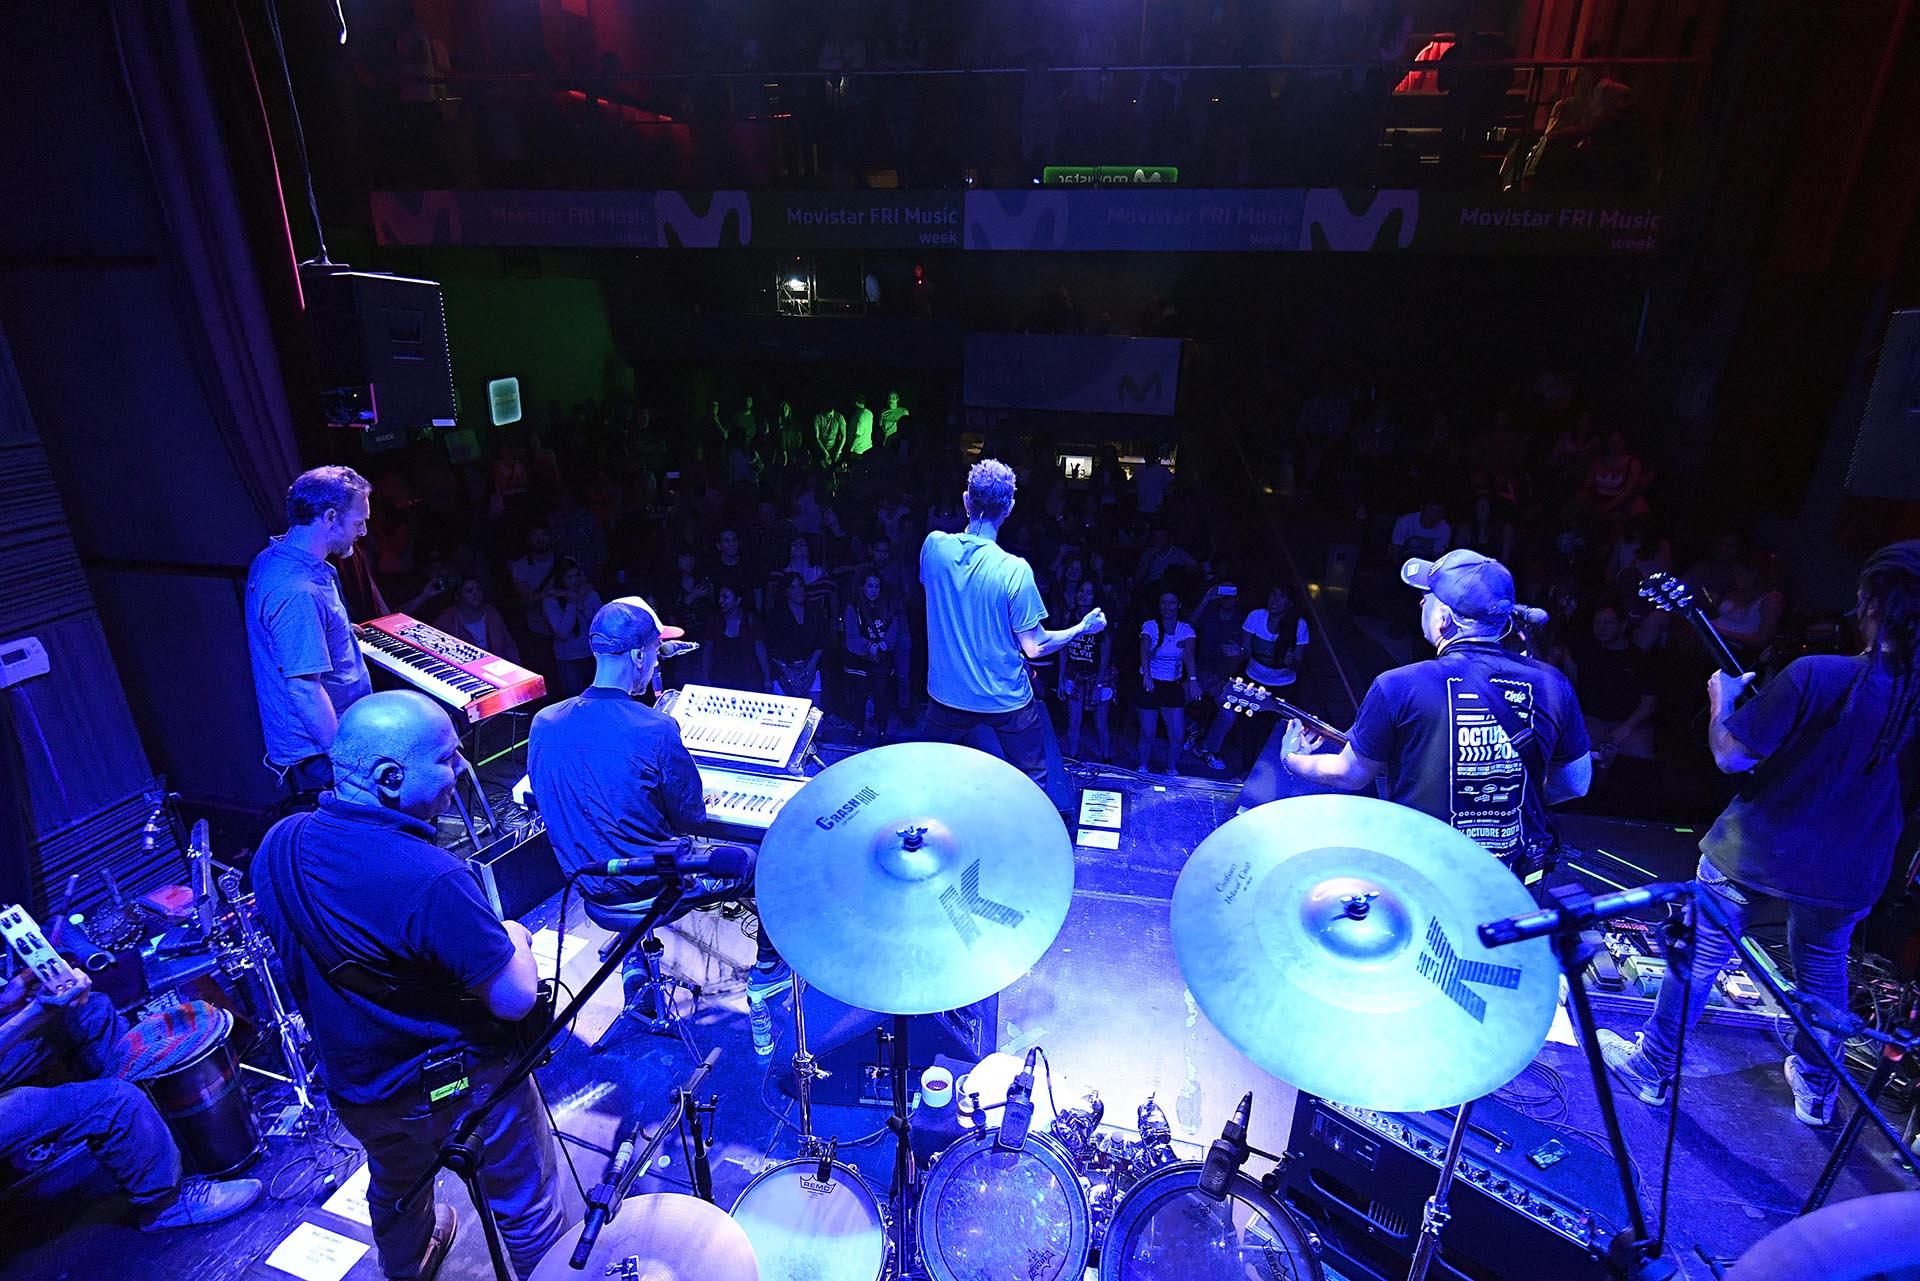 Los Cafresdesplegaron todo su arsenal para el cierre de la tercera fecha del Movistar FRI Music.